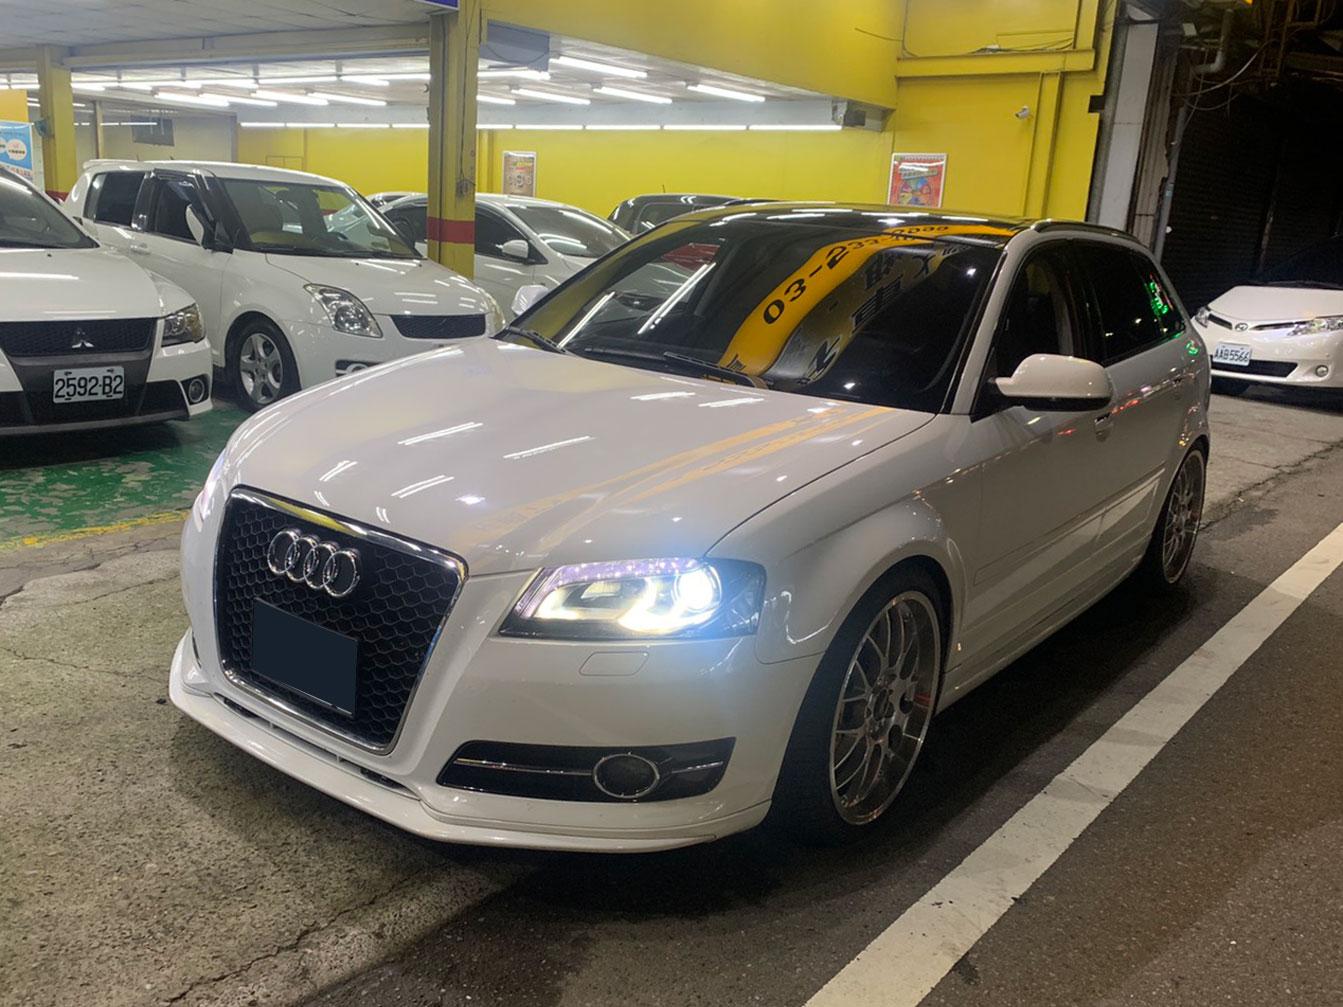 2011 Audi 奧迪 A3 sedan